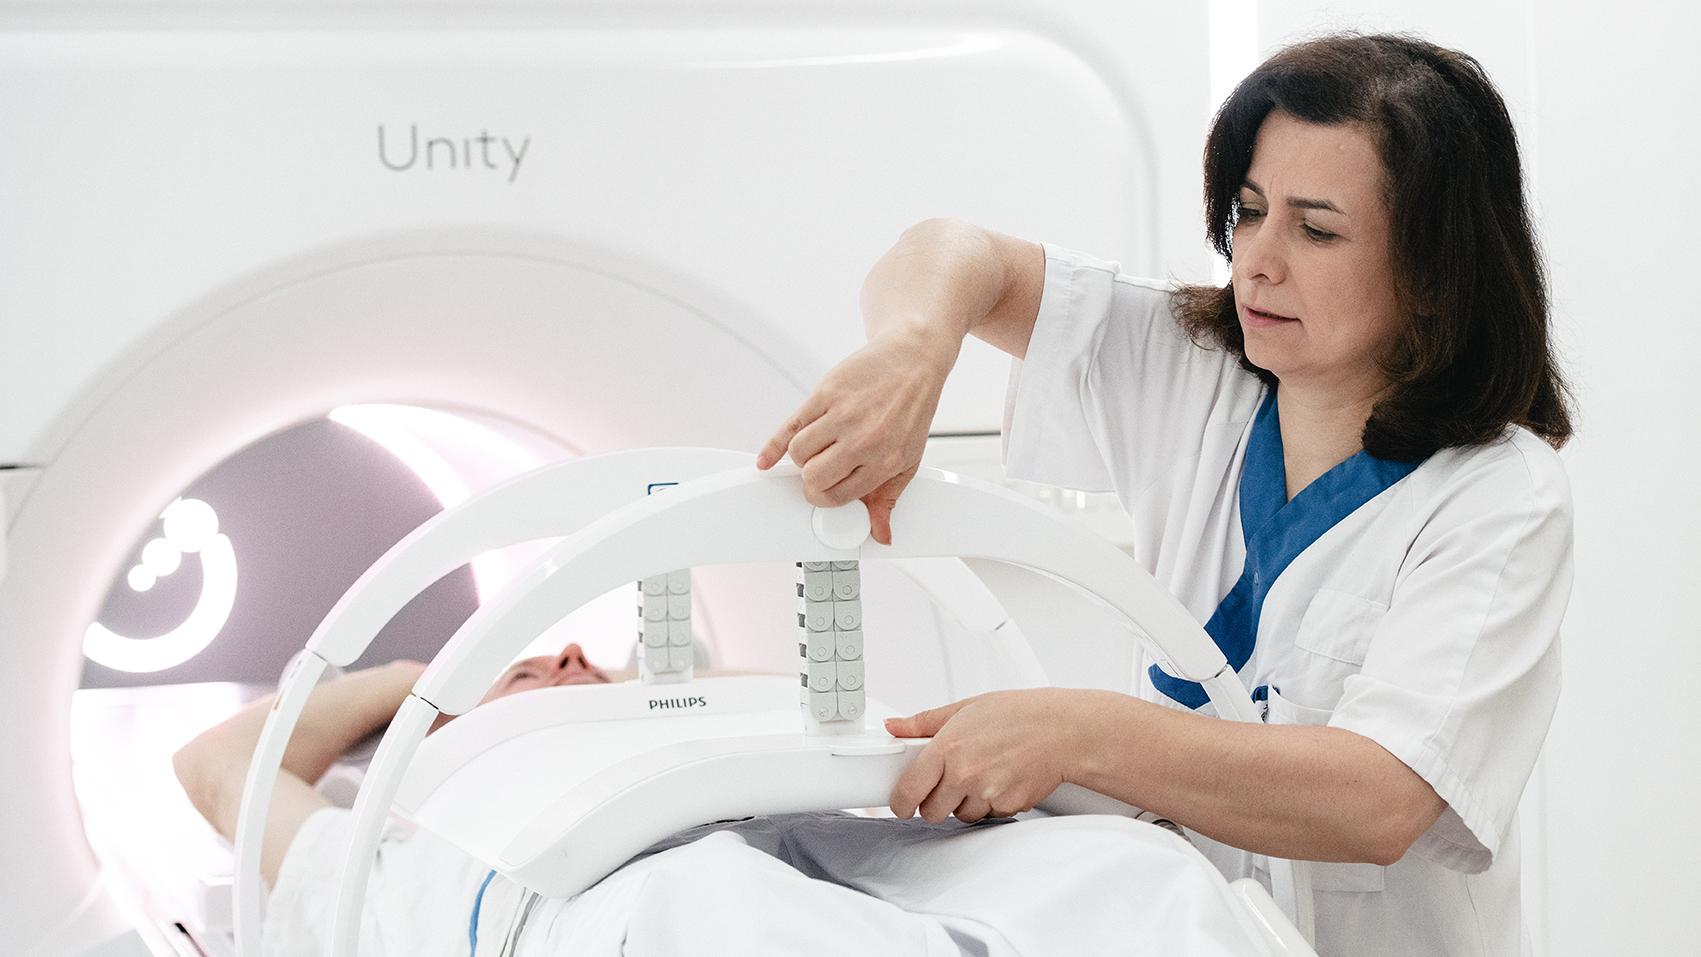 kvinna som justerar en del av en strålningsmaskin